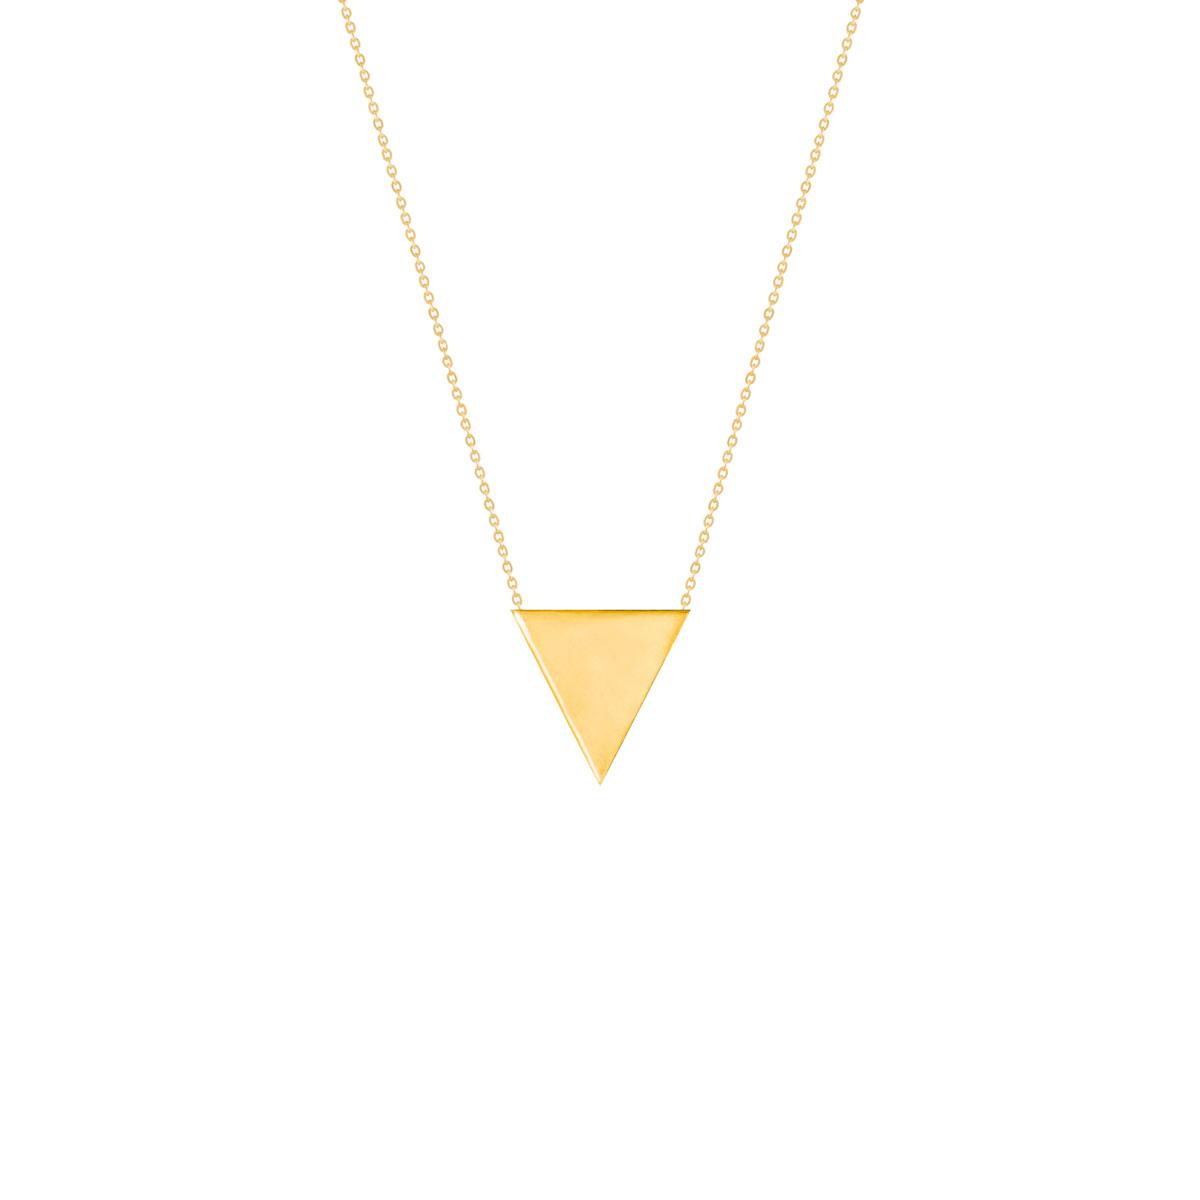 گردنبند طلا حکاکی مثلث